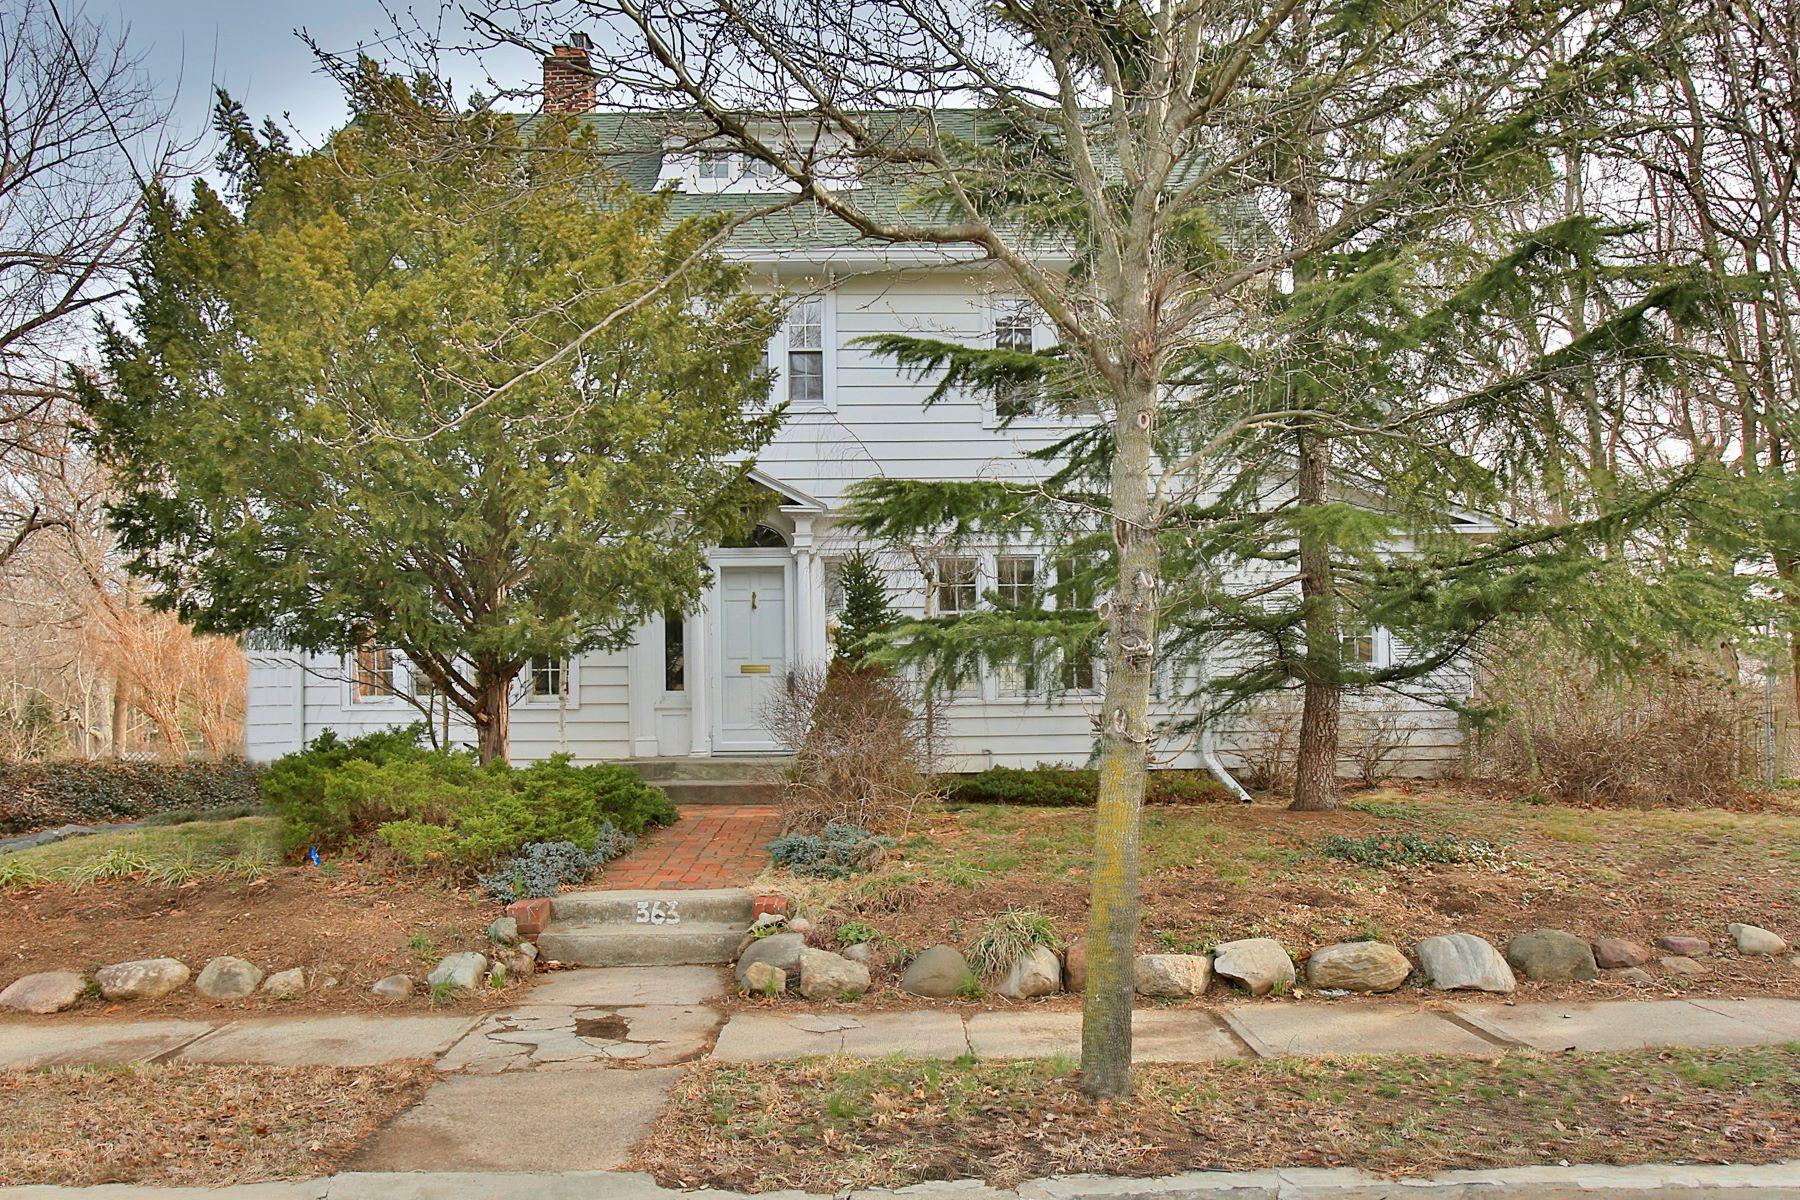 Частный односемейный дом для того Продажа на Impressive Westwood Colonial 363 Kinderkamack Road Westwood, Нью-Джерси 07675 Соединенные Штаты